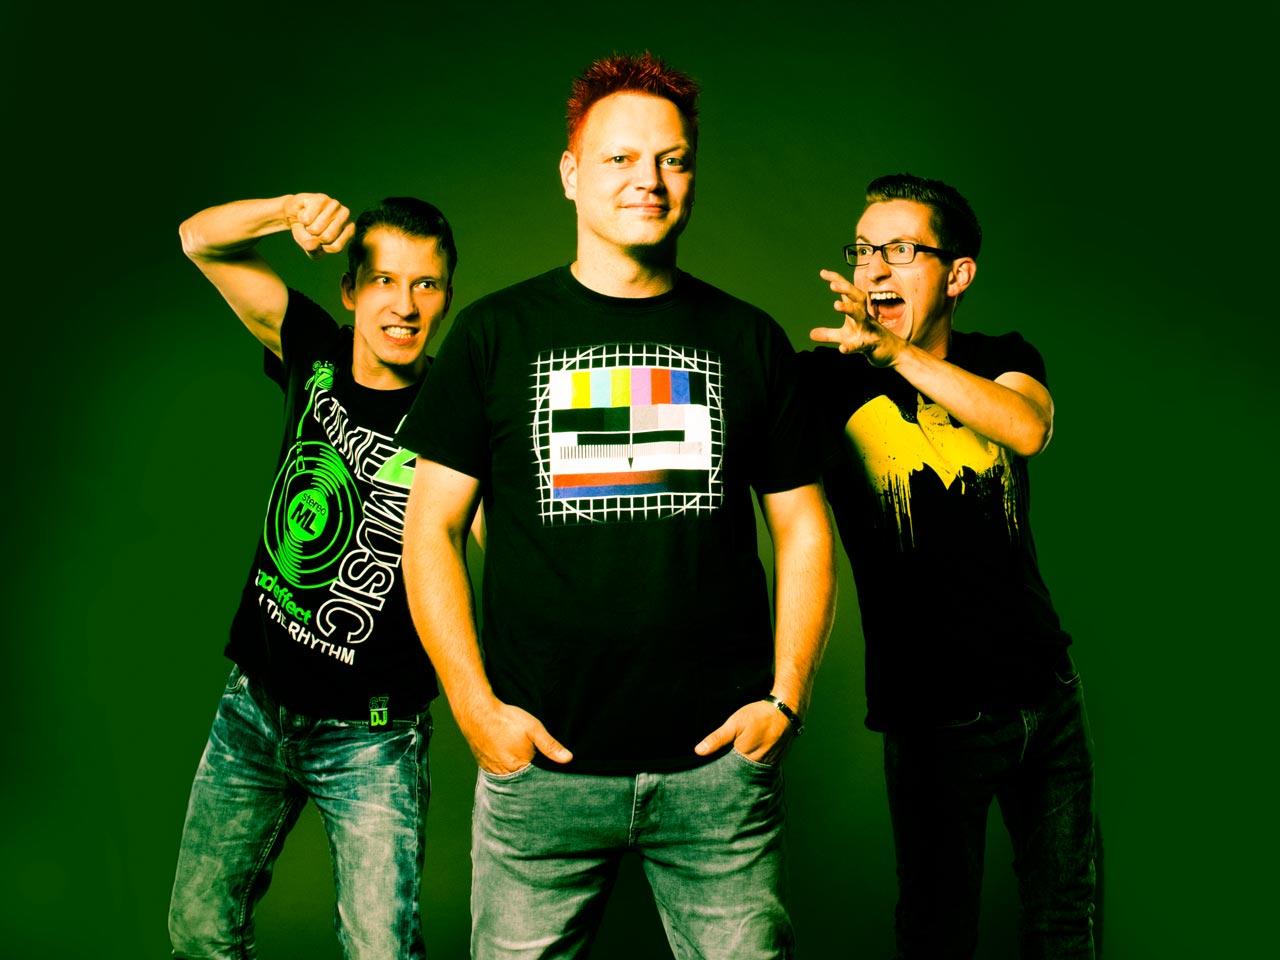 Die arbeitslosen Bauarbeiter - Band - Punk-Rock